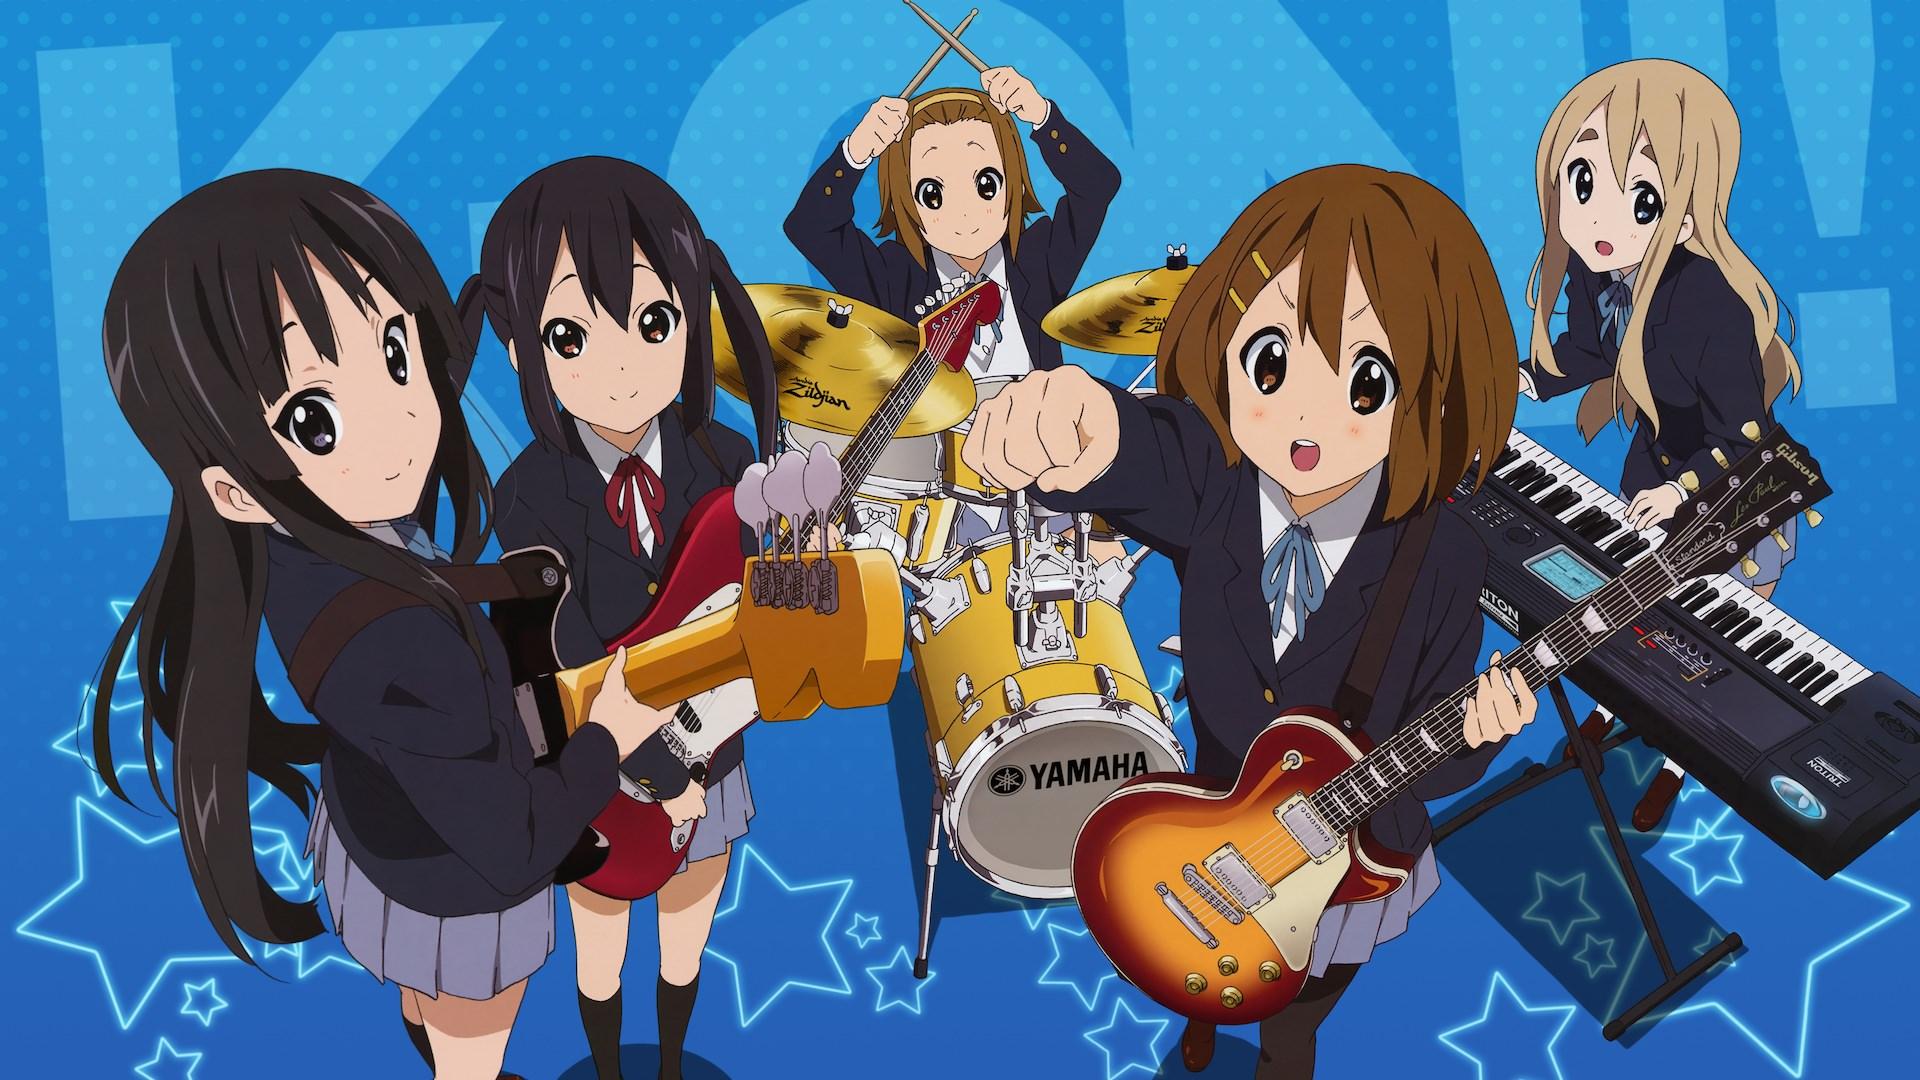 大人気アニメ「けいおん!」の1期の壁紙